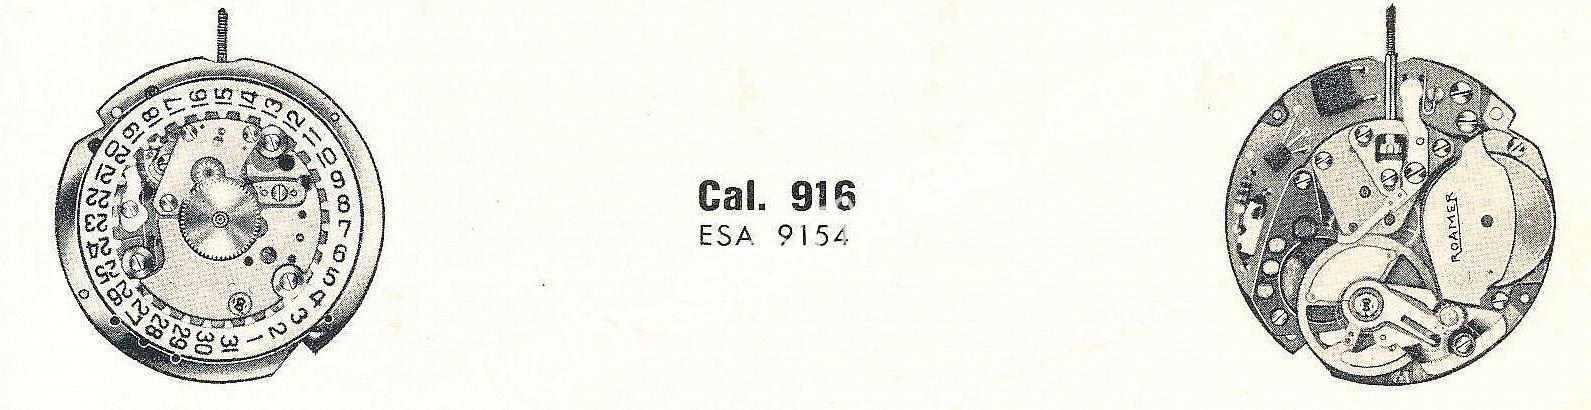 Roamer MST 916